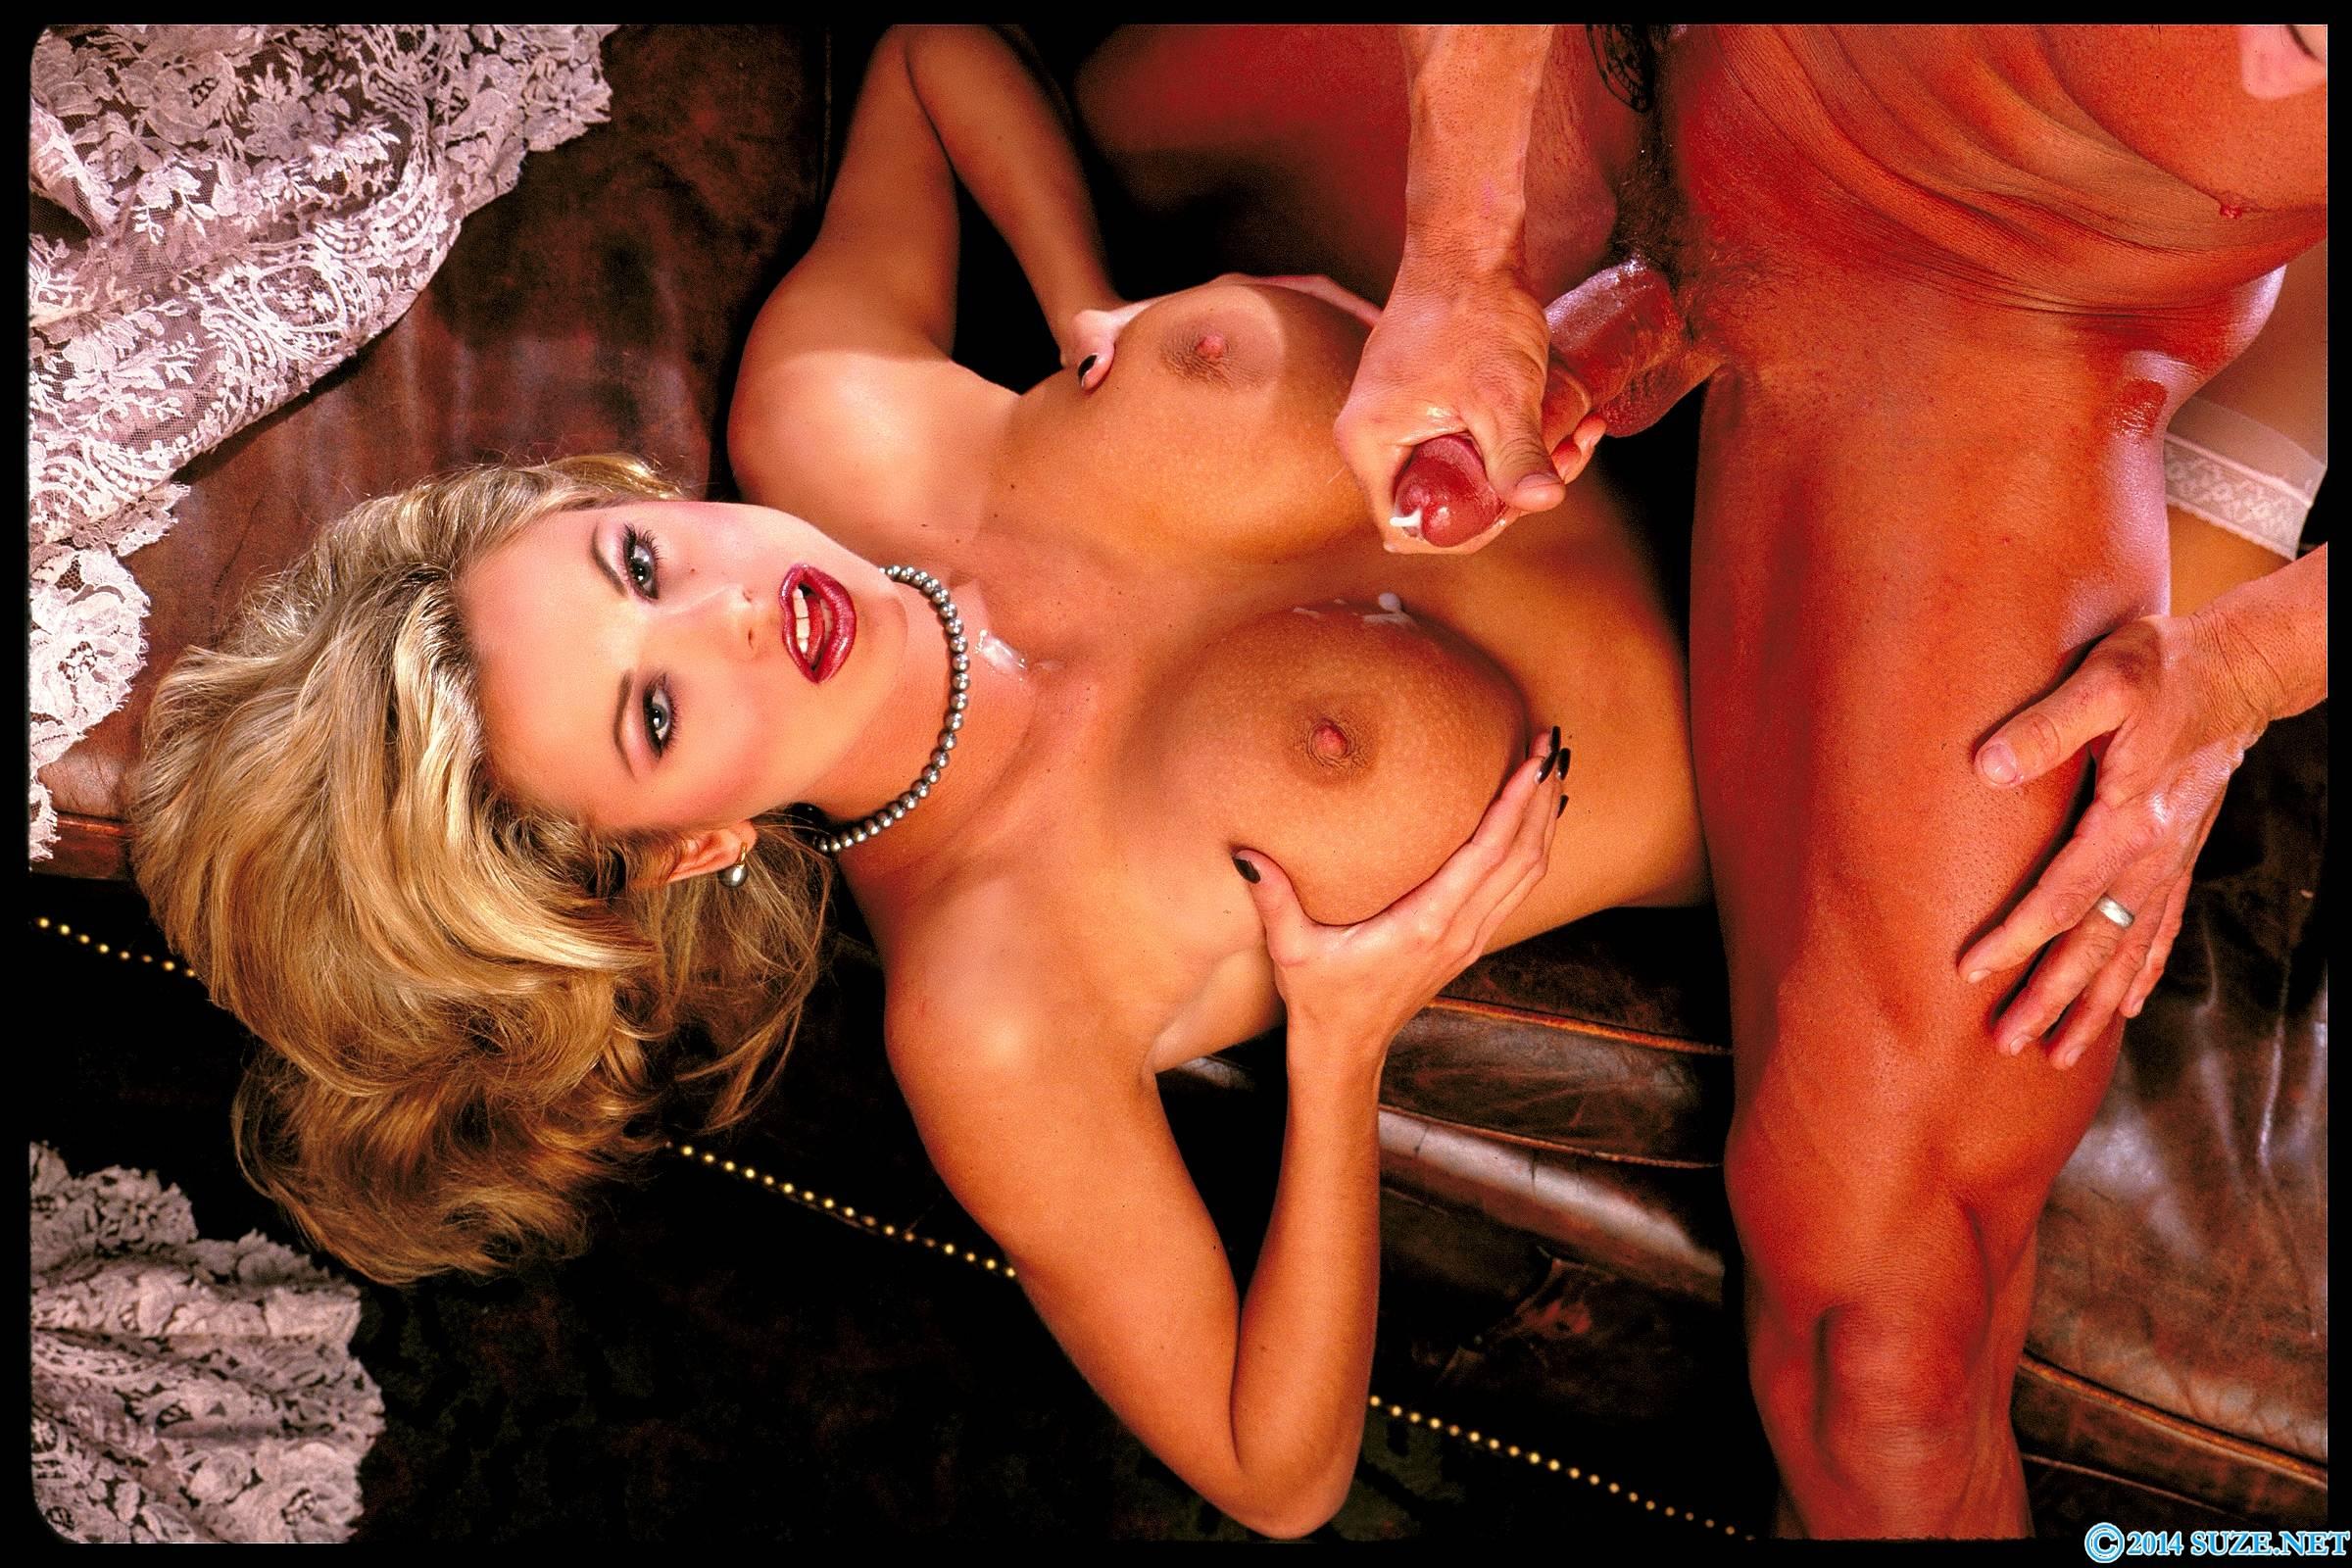 Briana Banks Nude Photo